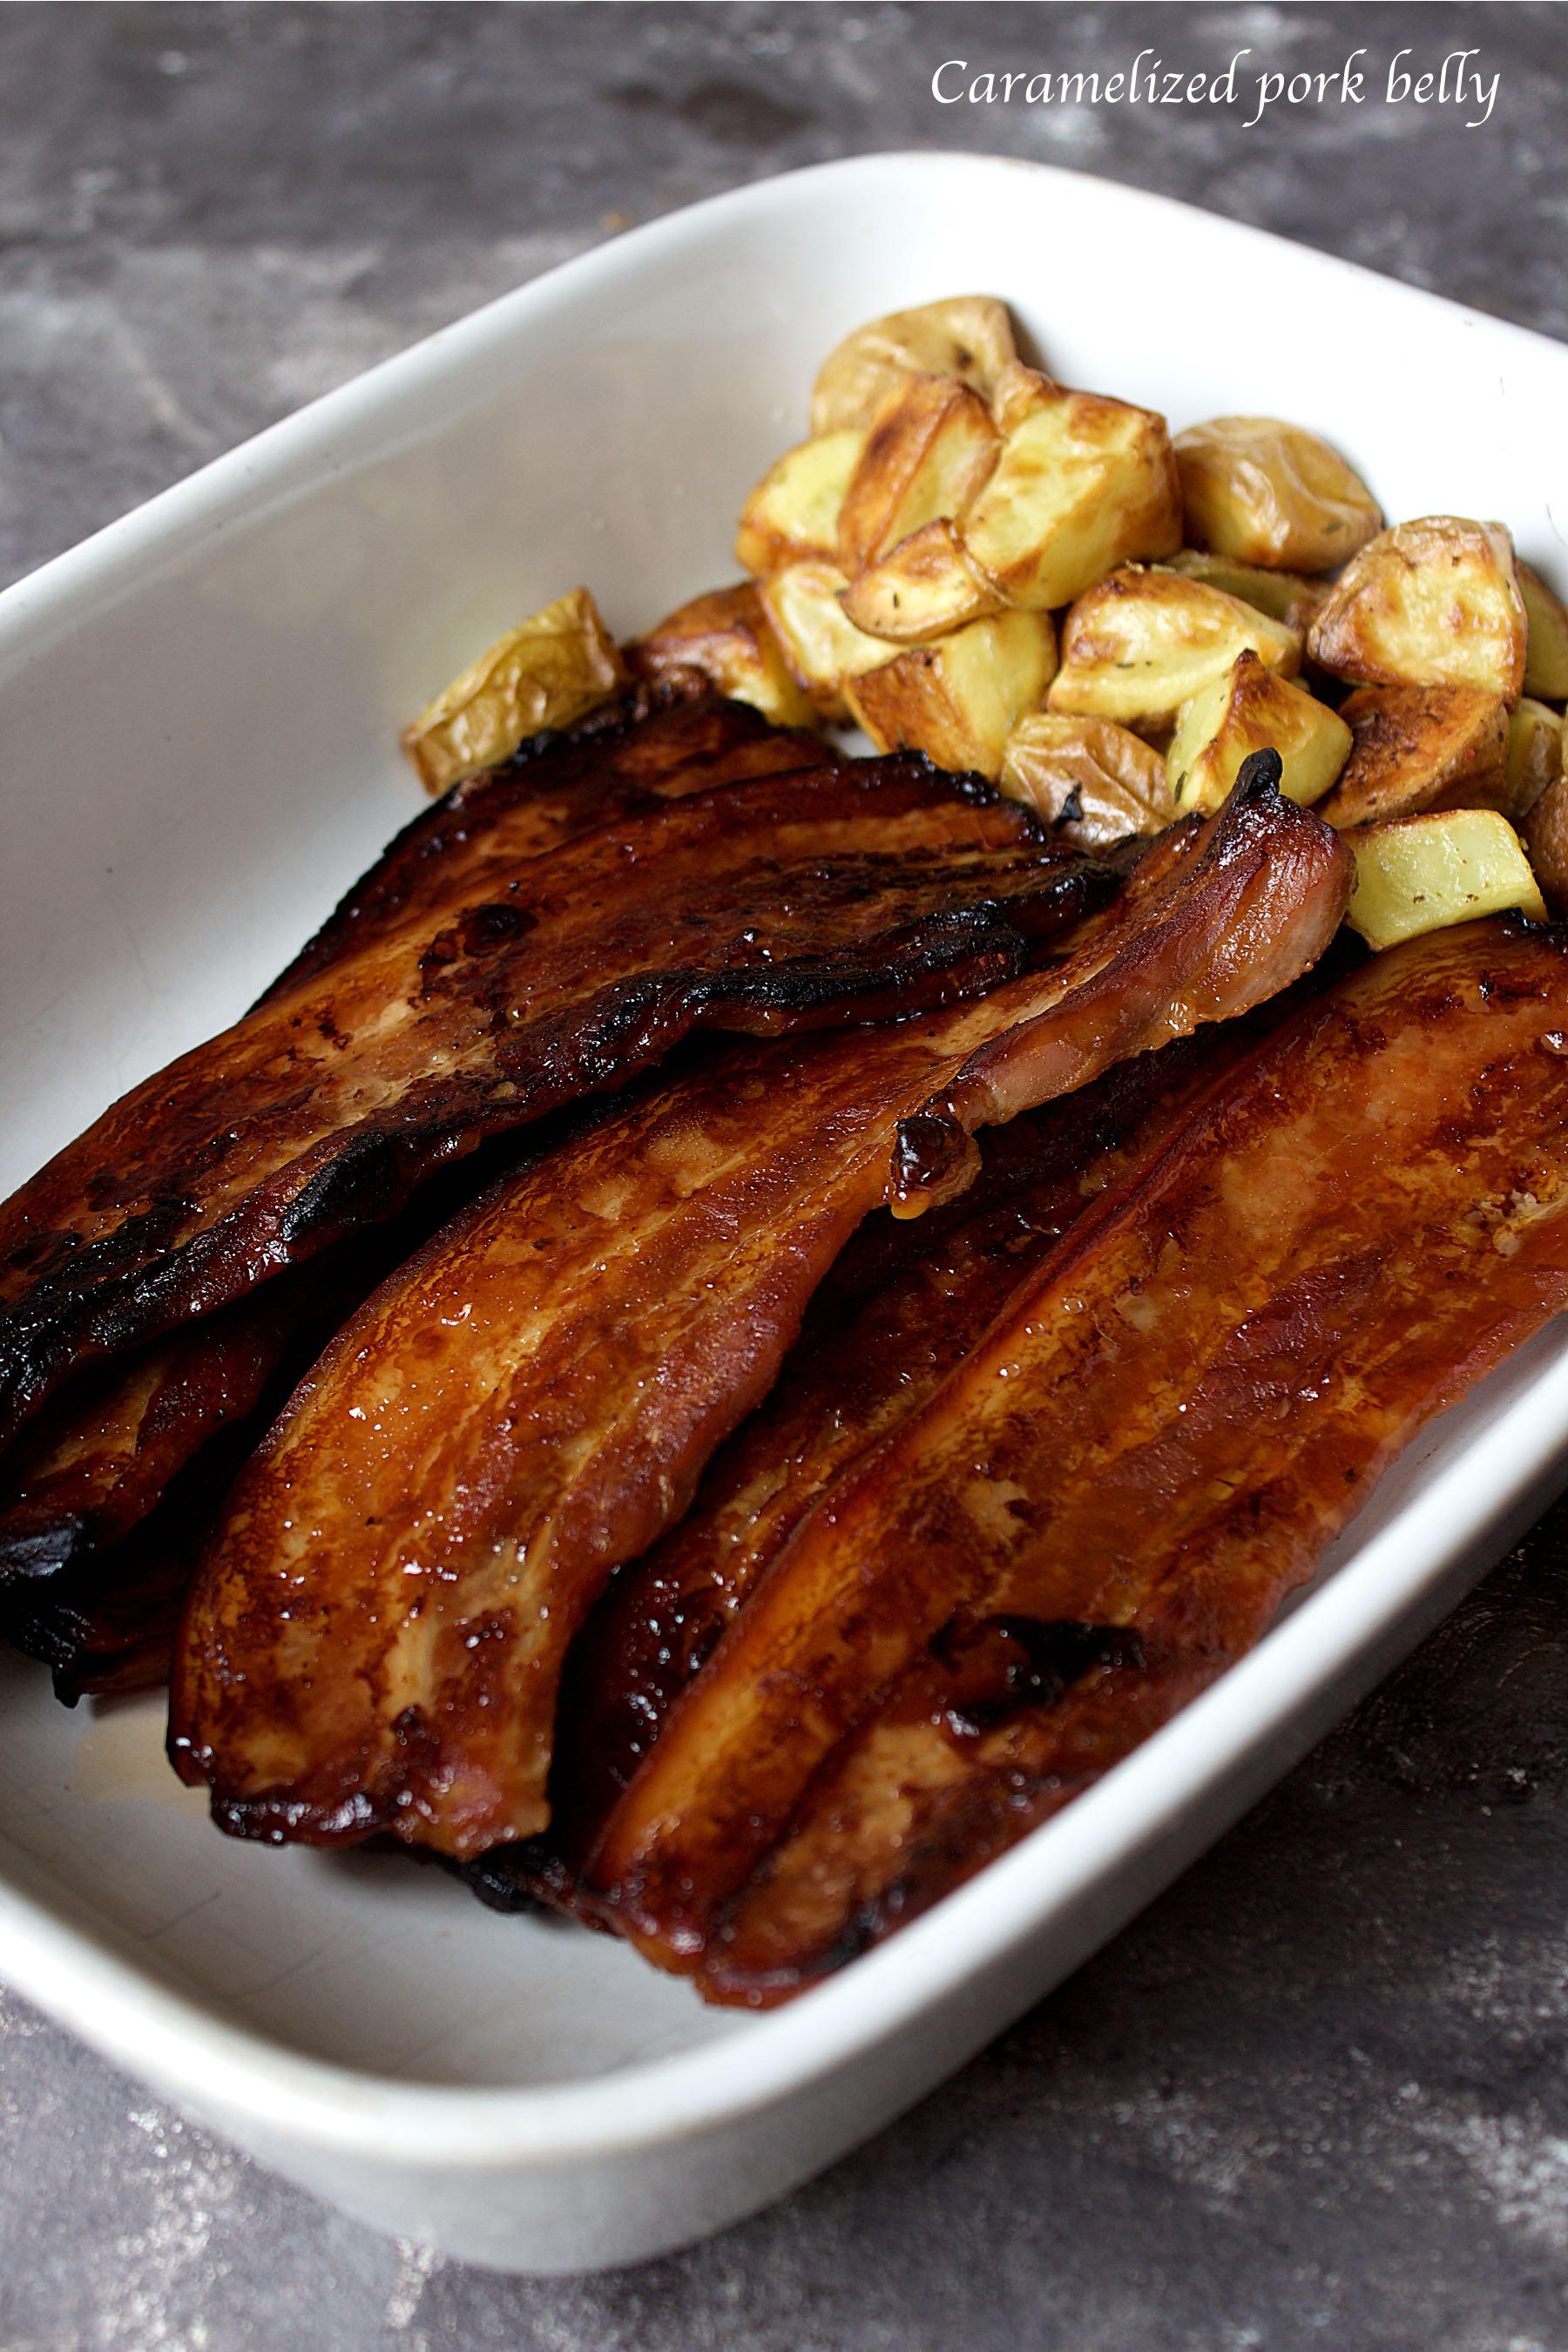 Poitrine de porc caramélisée